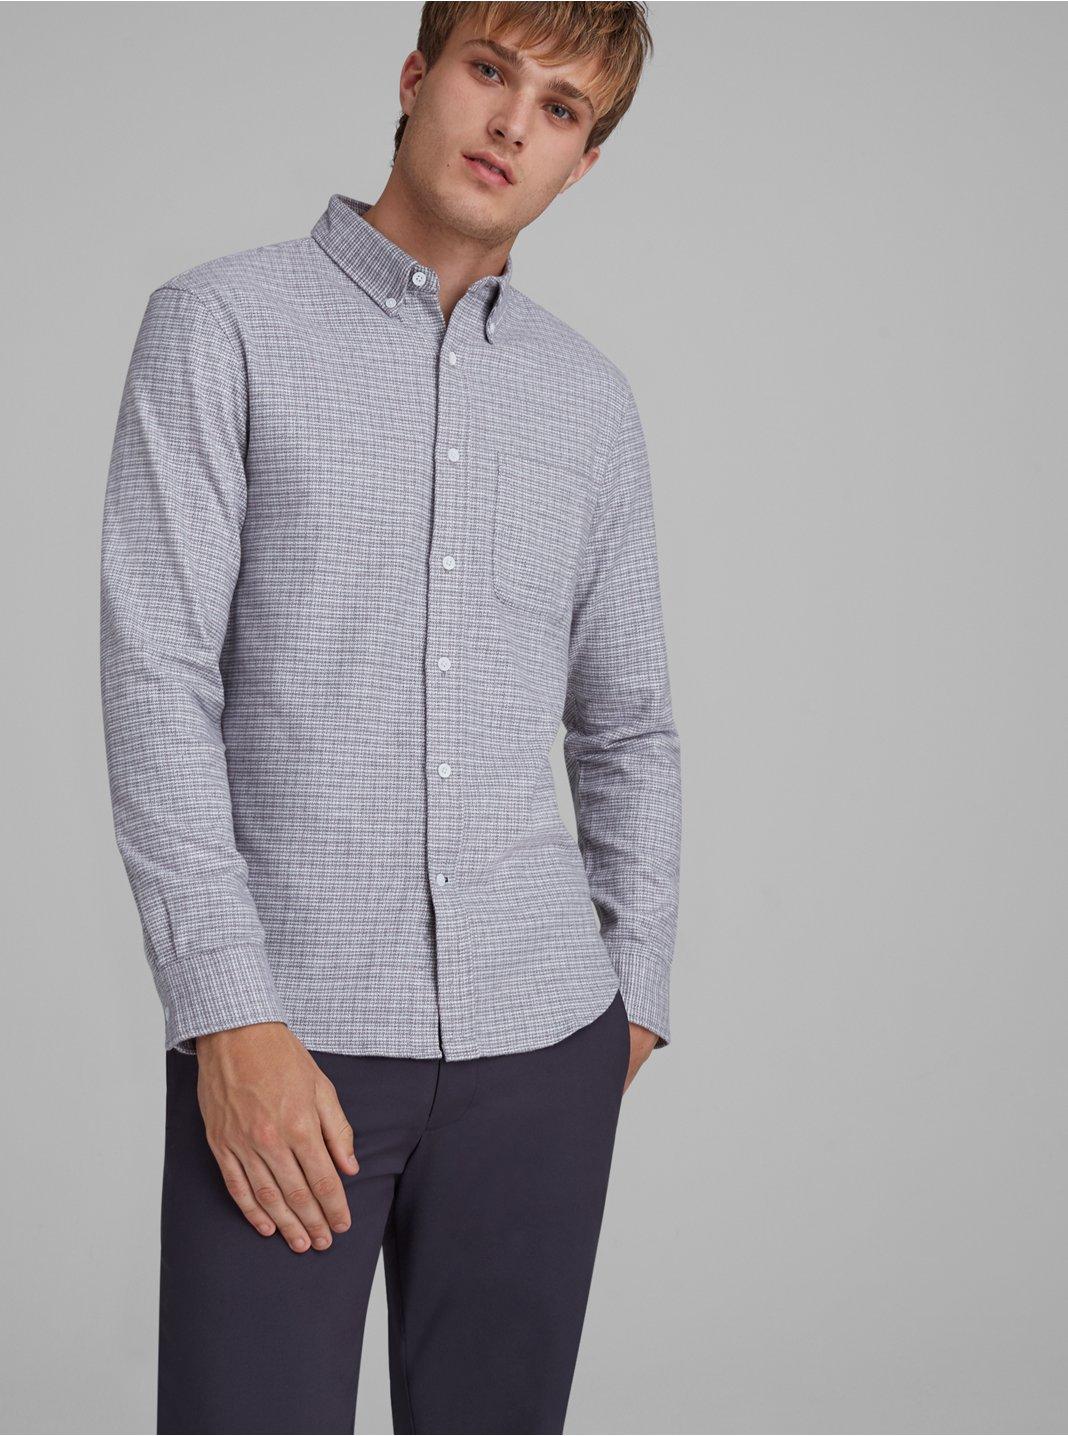 Jaspé Textured Shirt